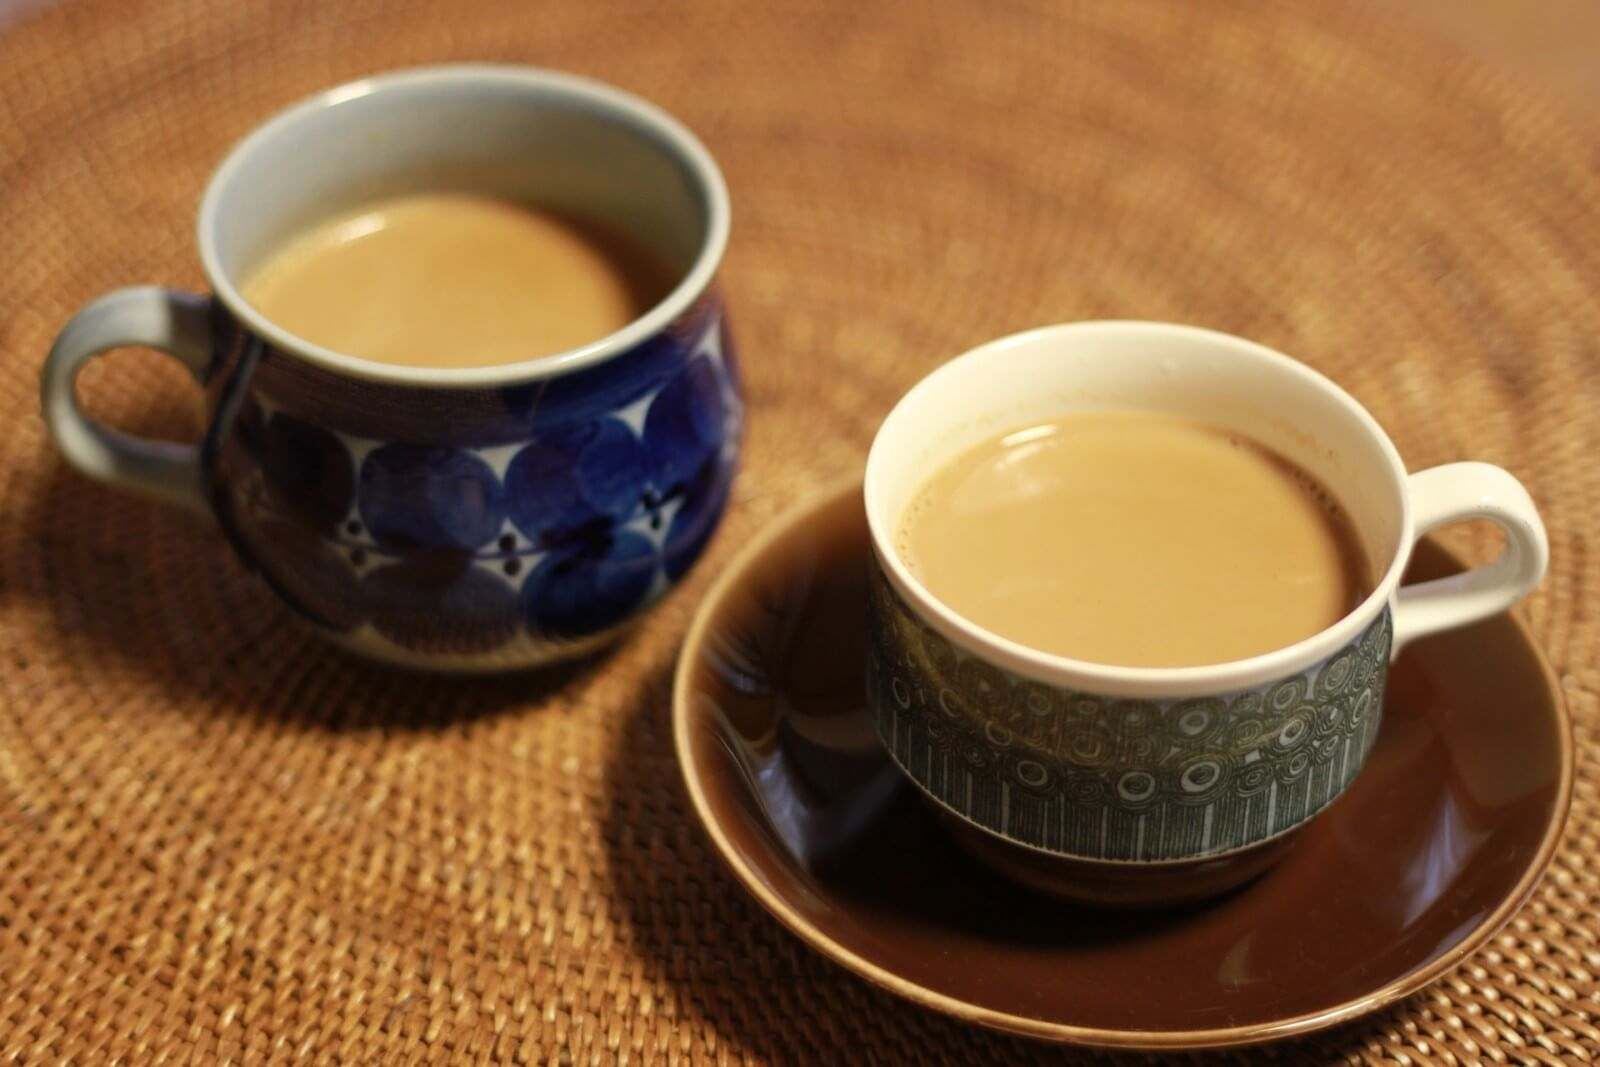 роль питьевого режима: черный чай с молоком